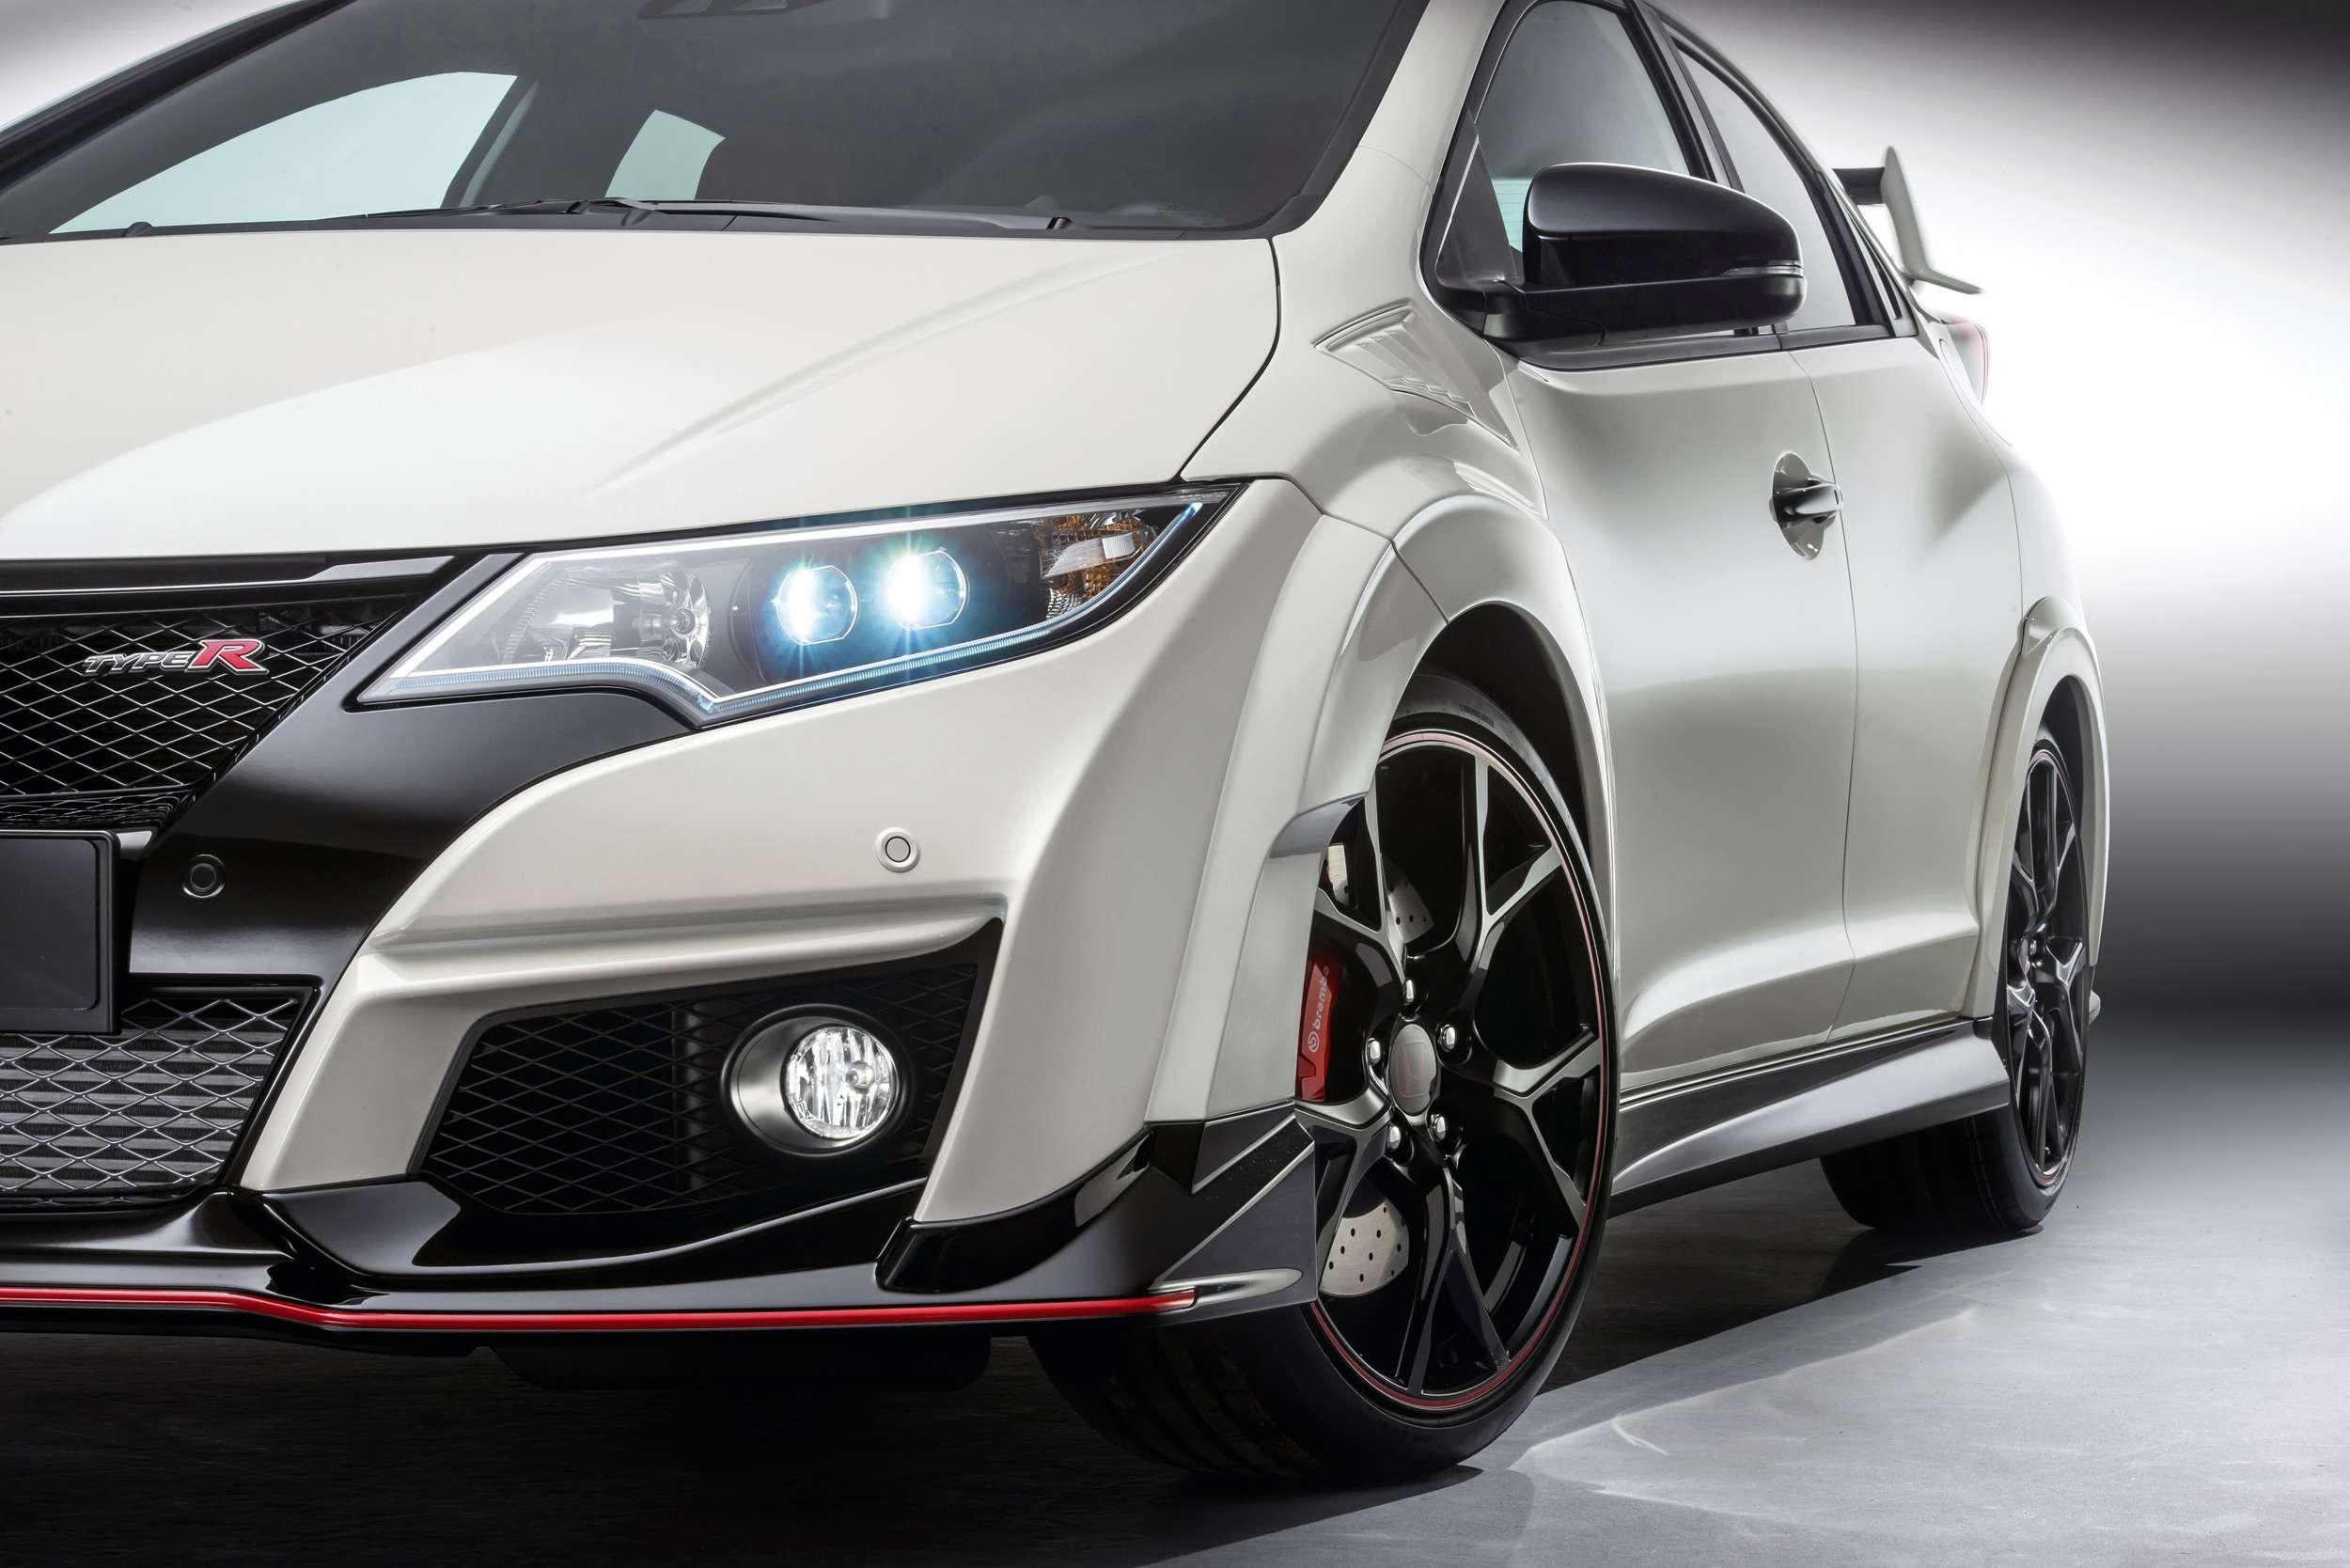 Honda Civic Type R Foto: Honda